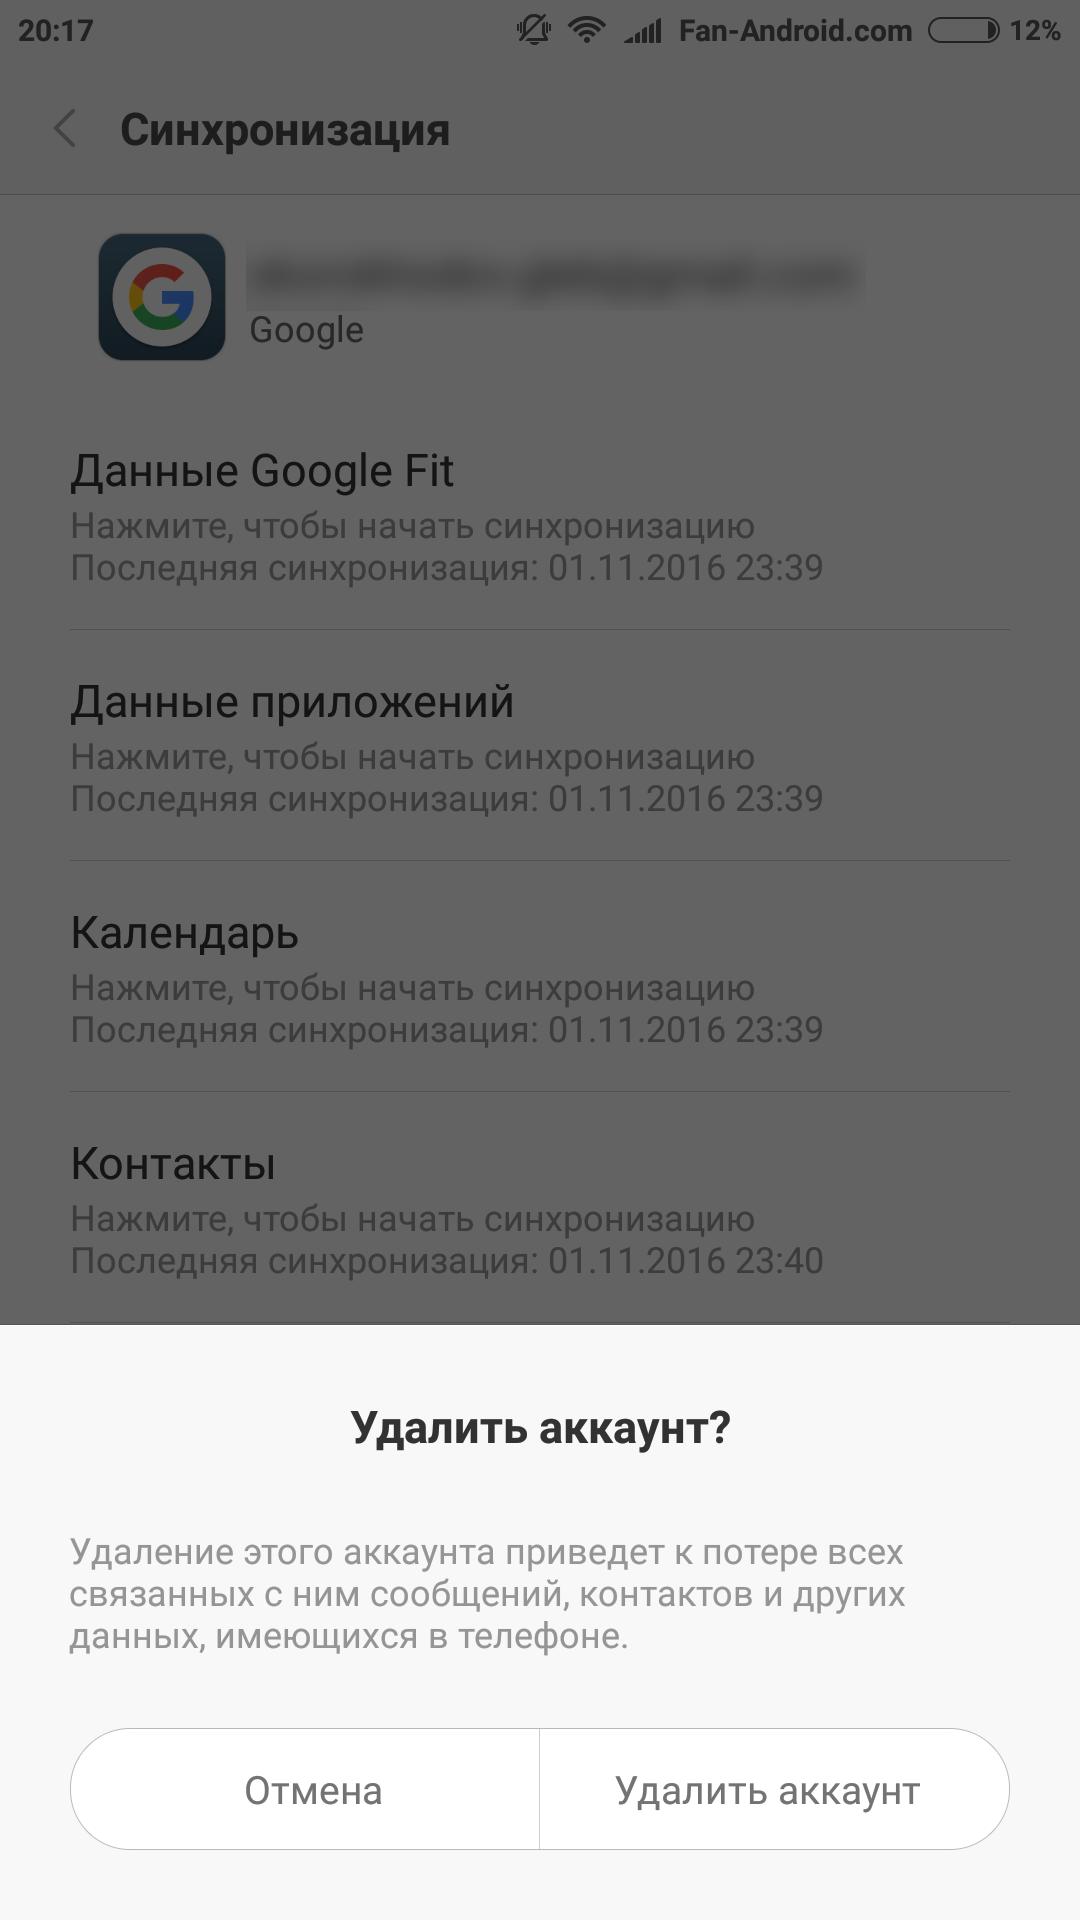 Ошибка при запуске приложений андроид